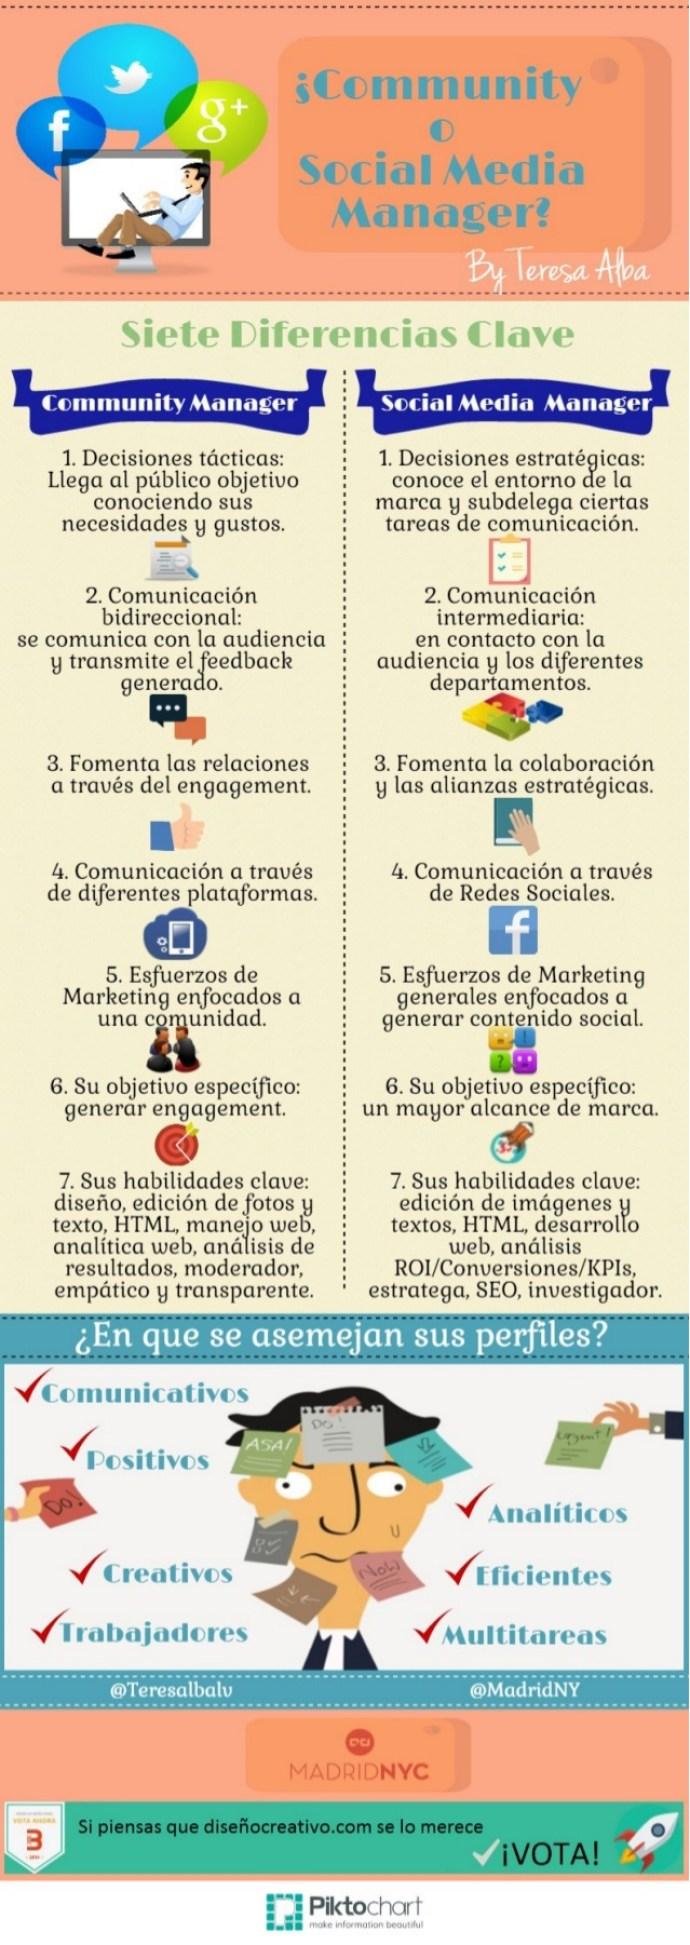 7 diferencias entre Community y Social Media Manager